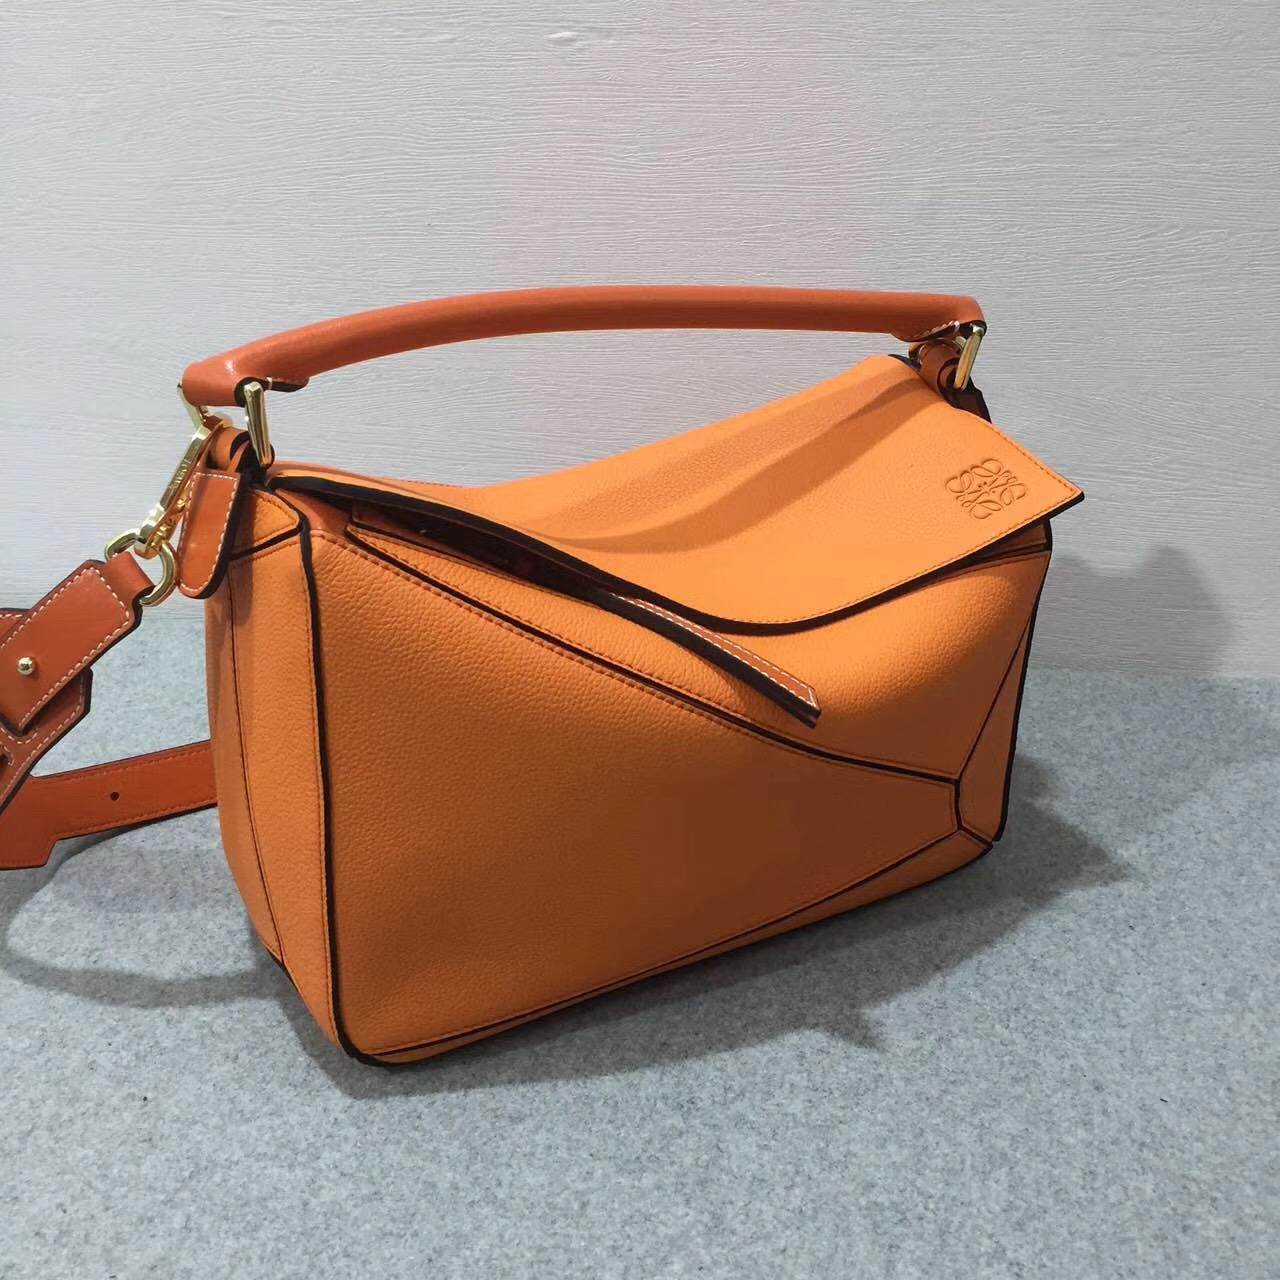 羅意威Loewe Puzzle Bag Apricot/Orange Soft Grained Calf/Calf